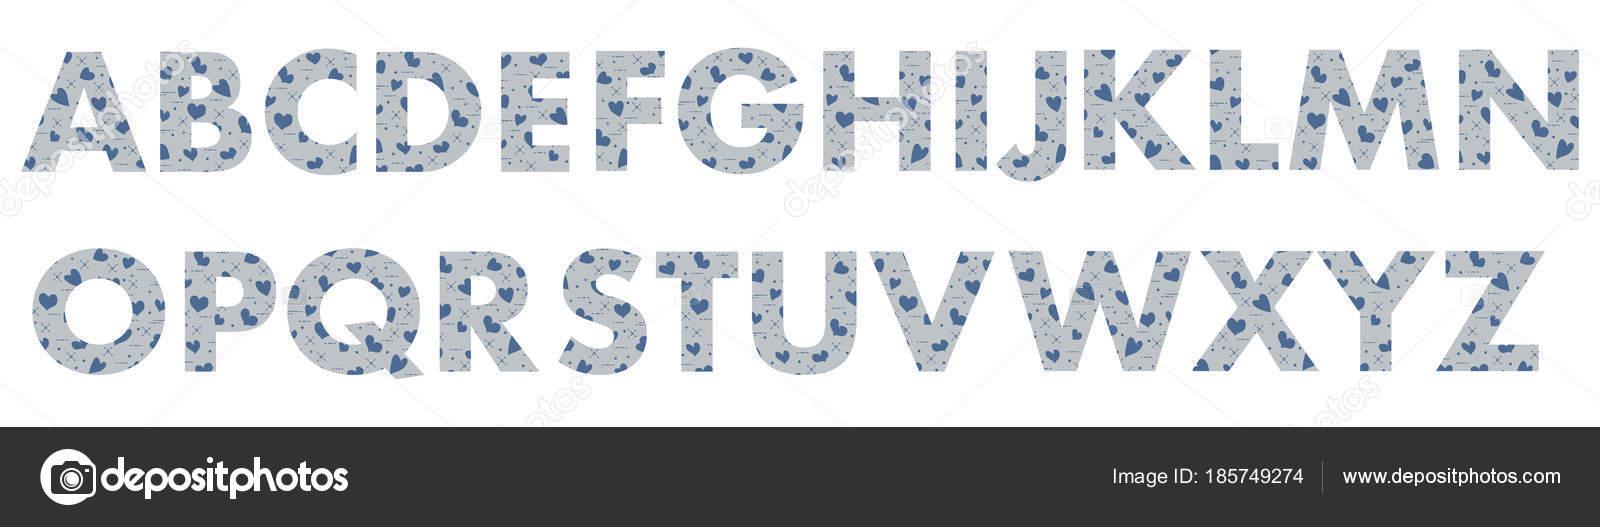 Letras mayúsculas del alfabeto inglés — Archivo Imágenes ...